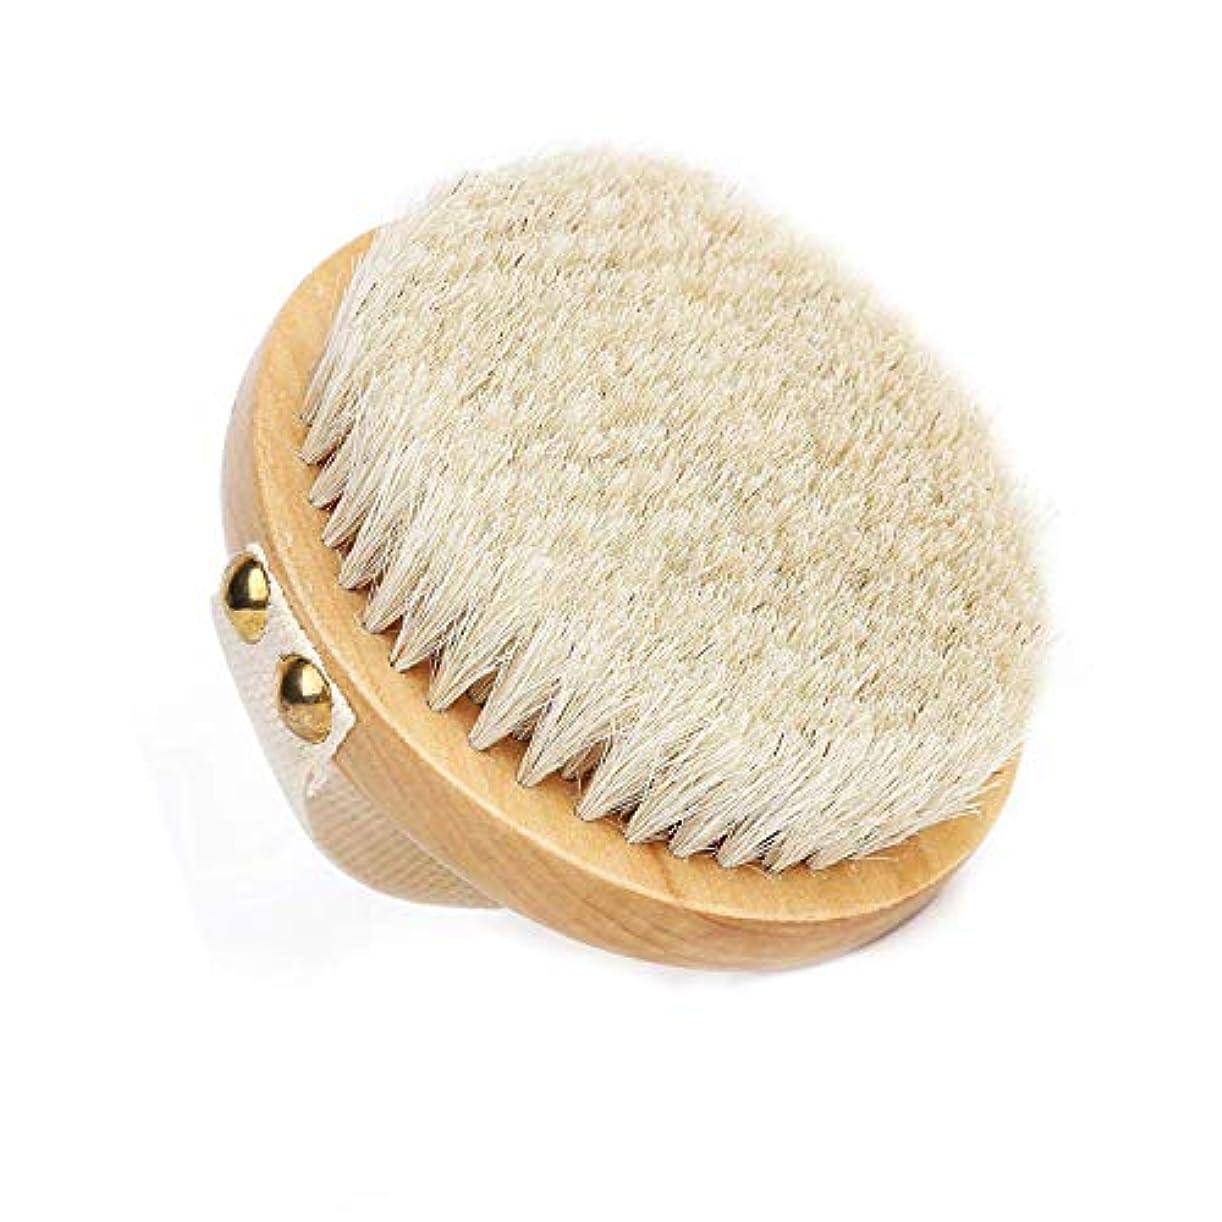 主要な抑止する異なるSuyika ボディブラシ 高級な馬毛100% 角質除去 全身マッサージ バス用品 お風呂用 体洗い用品 美肌 柔らかい 天然素材(丸型)